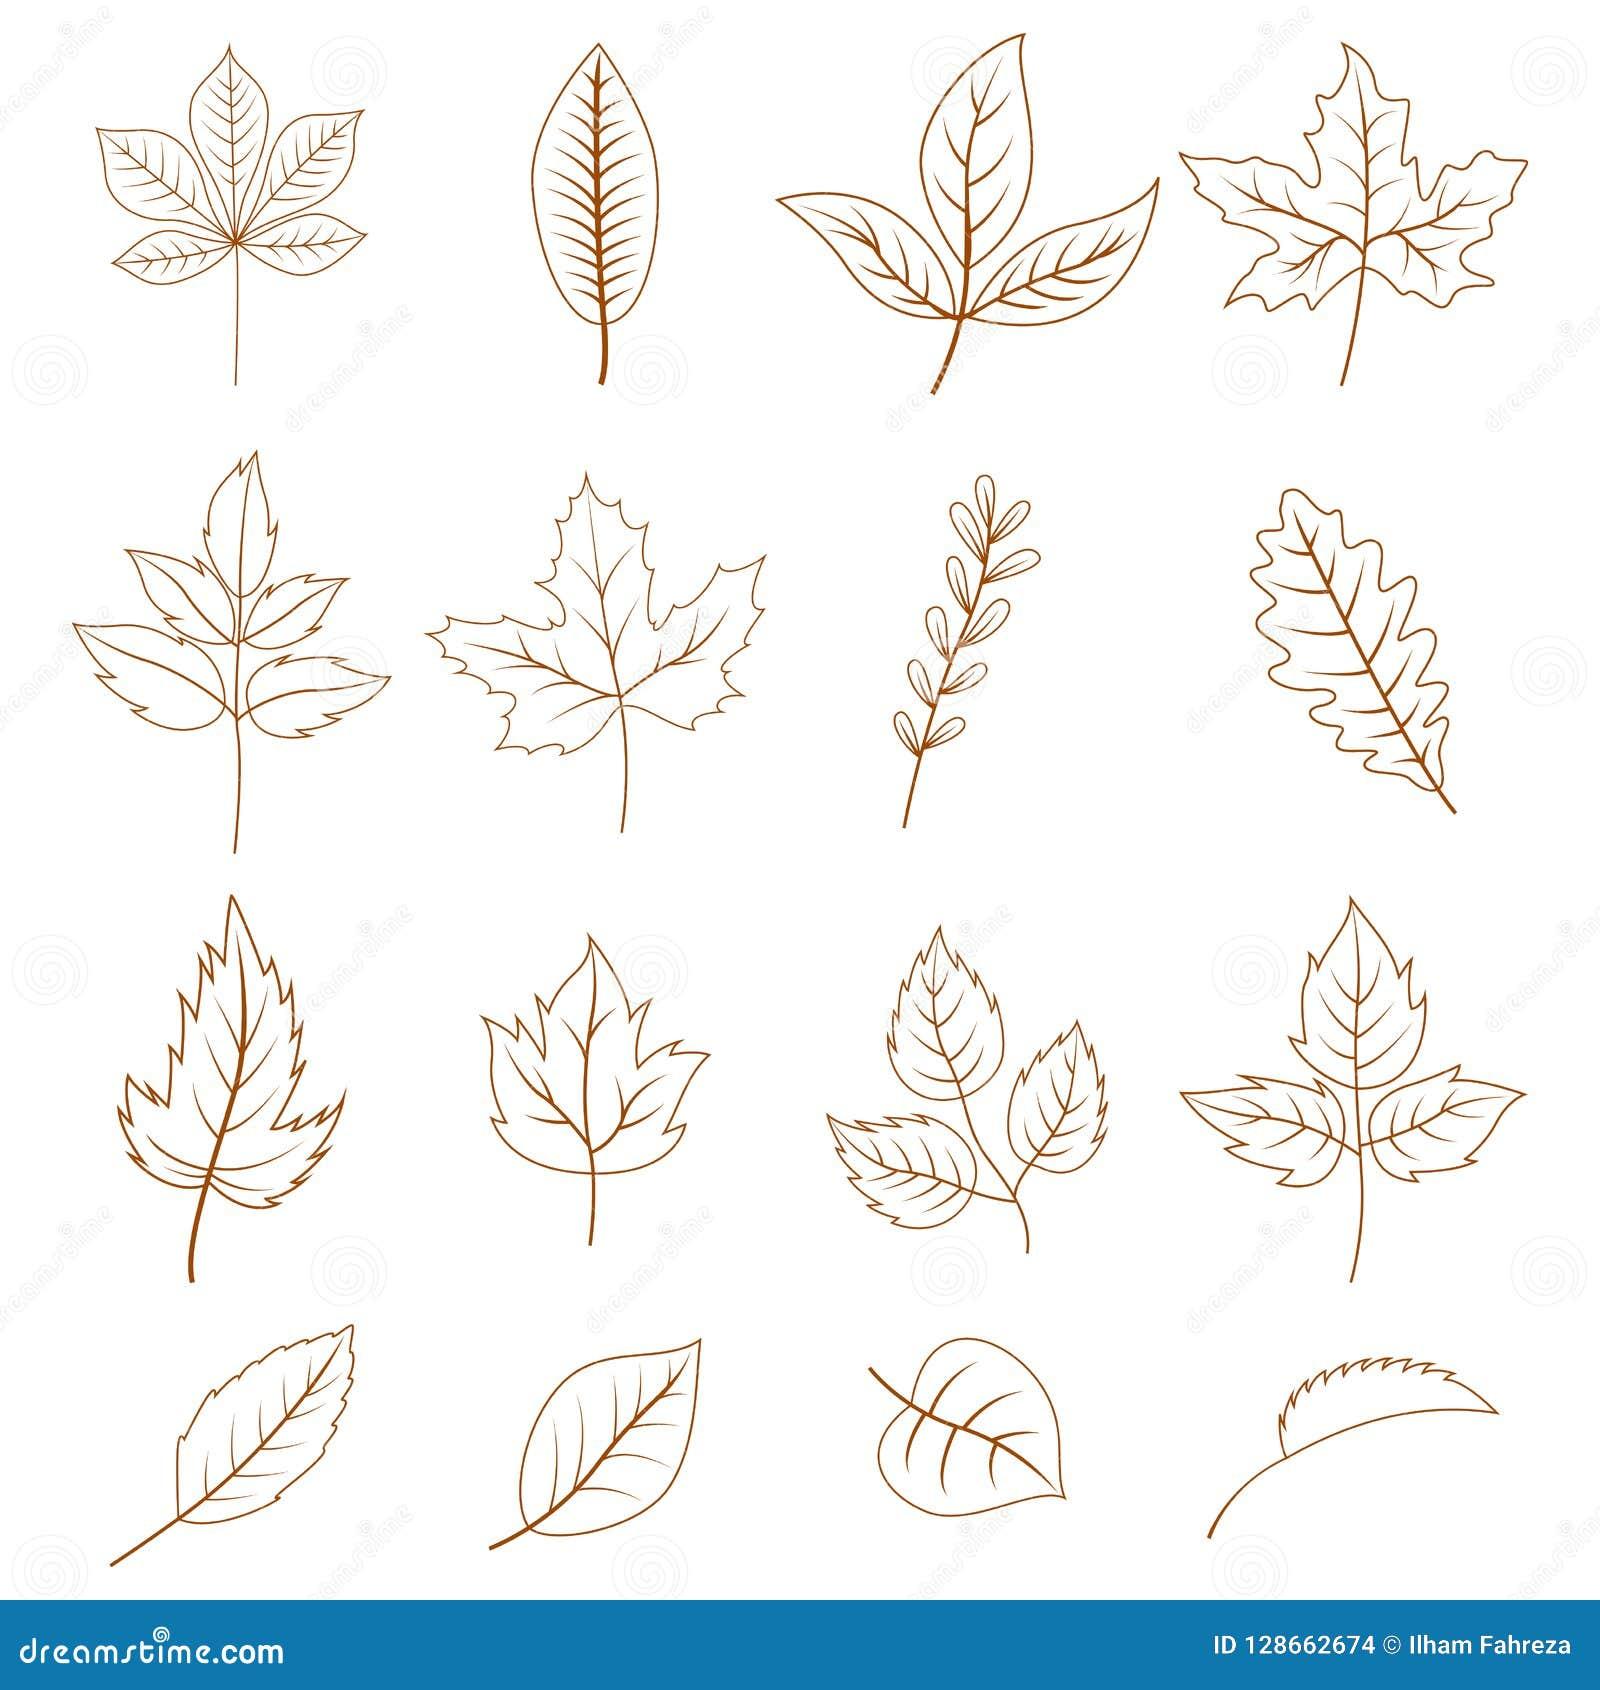 Autumn Leaves Doodles Set Stock Vector Illustration Of Leaf 128662674